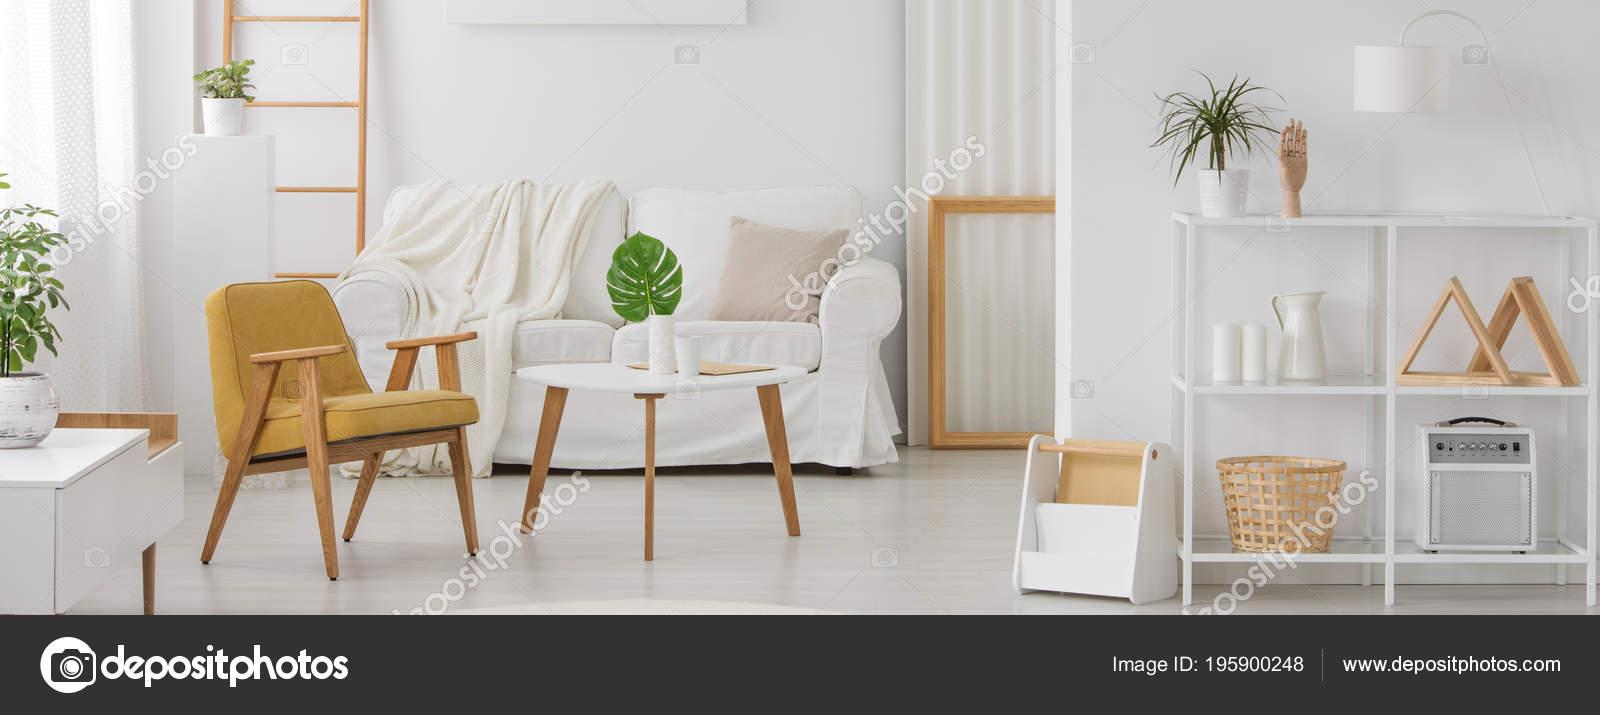 Weiße Möbel Mit Holzelementen Monochromen Wohnzimmer ...